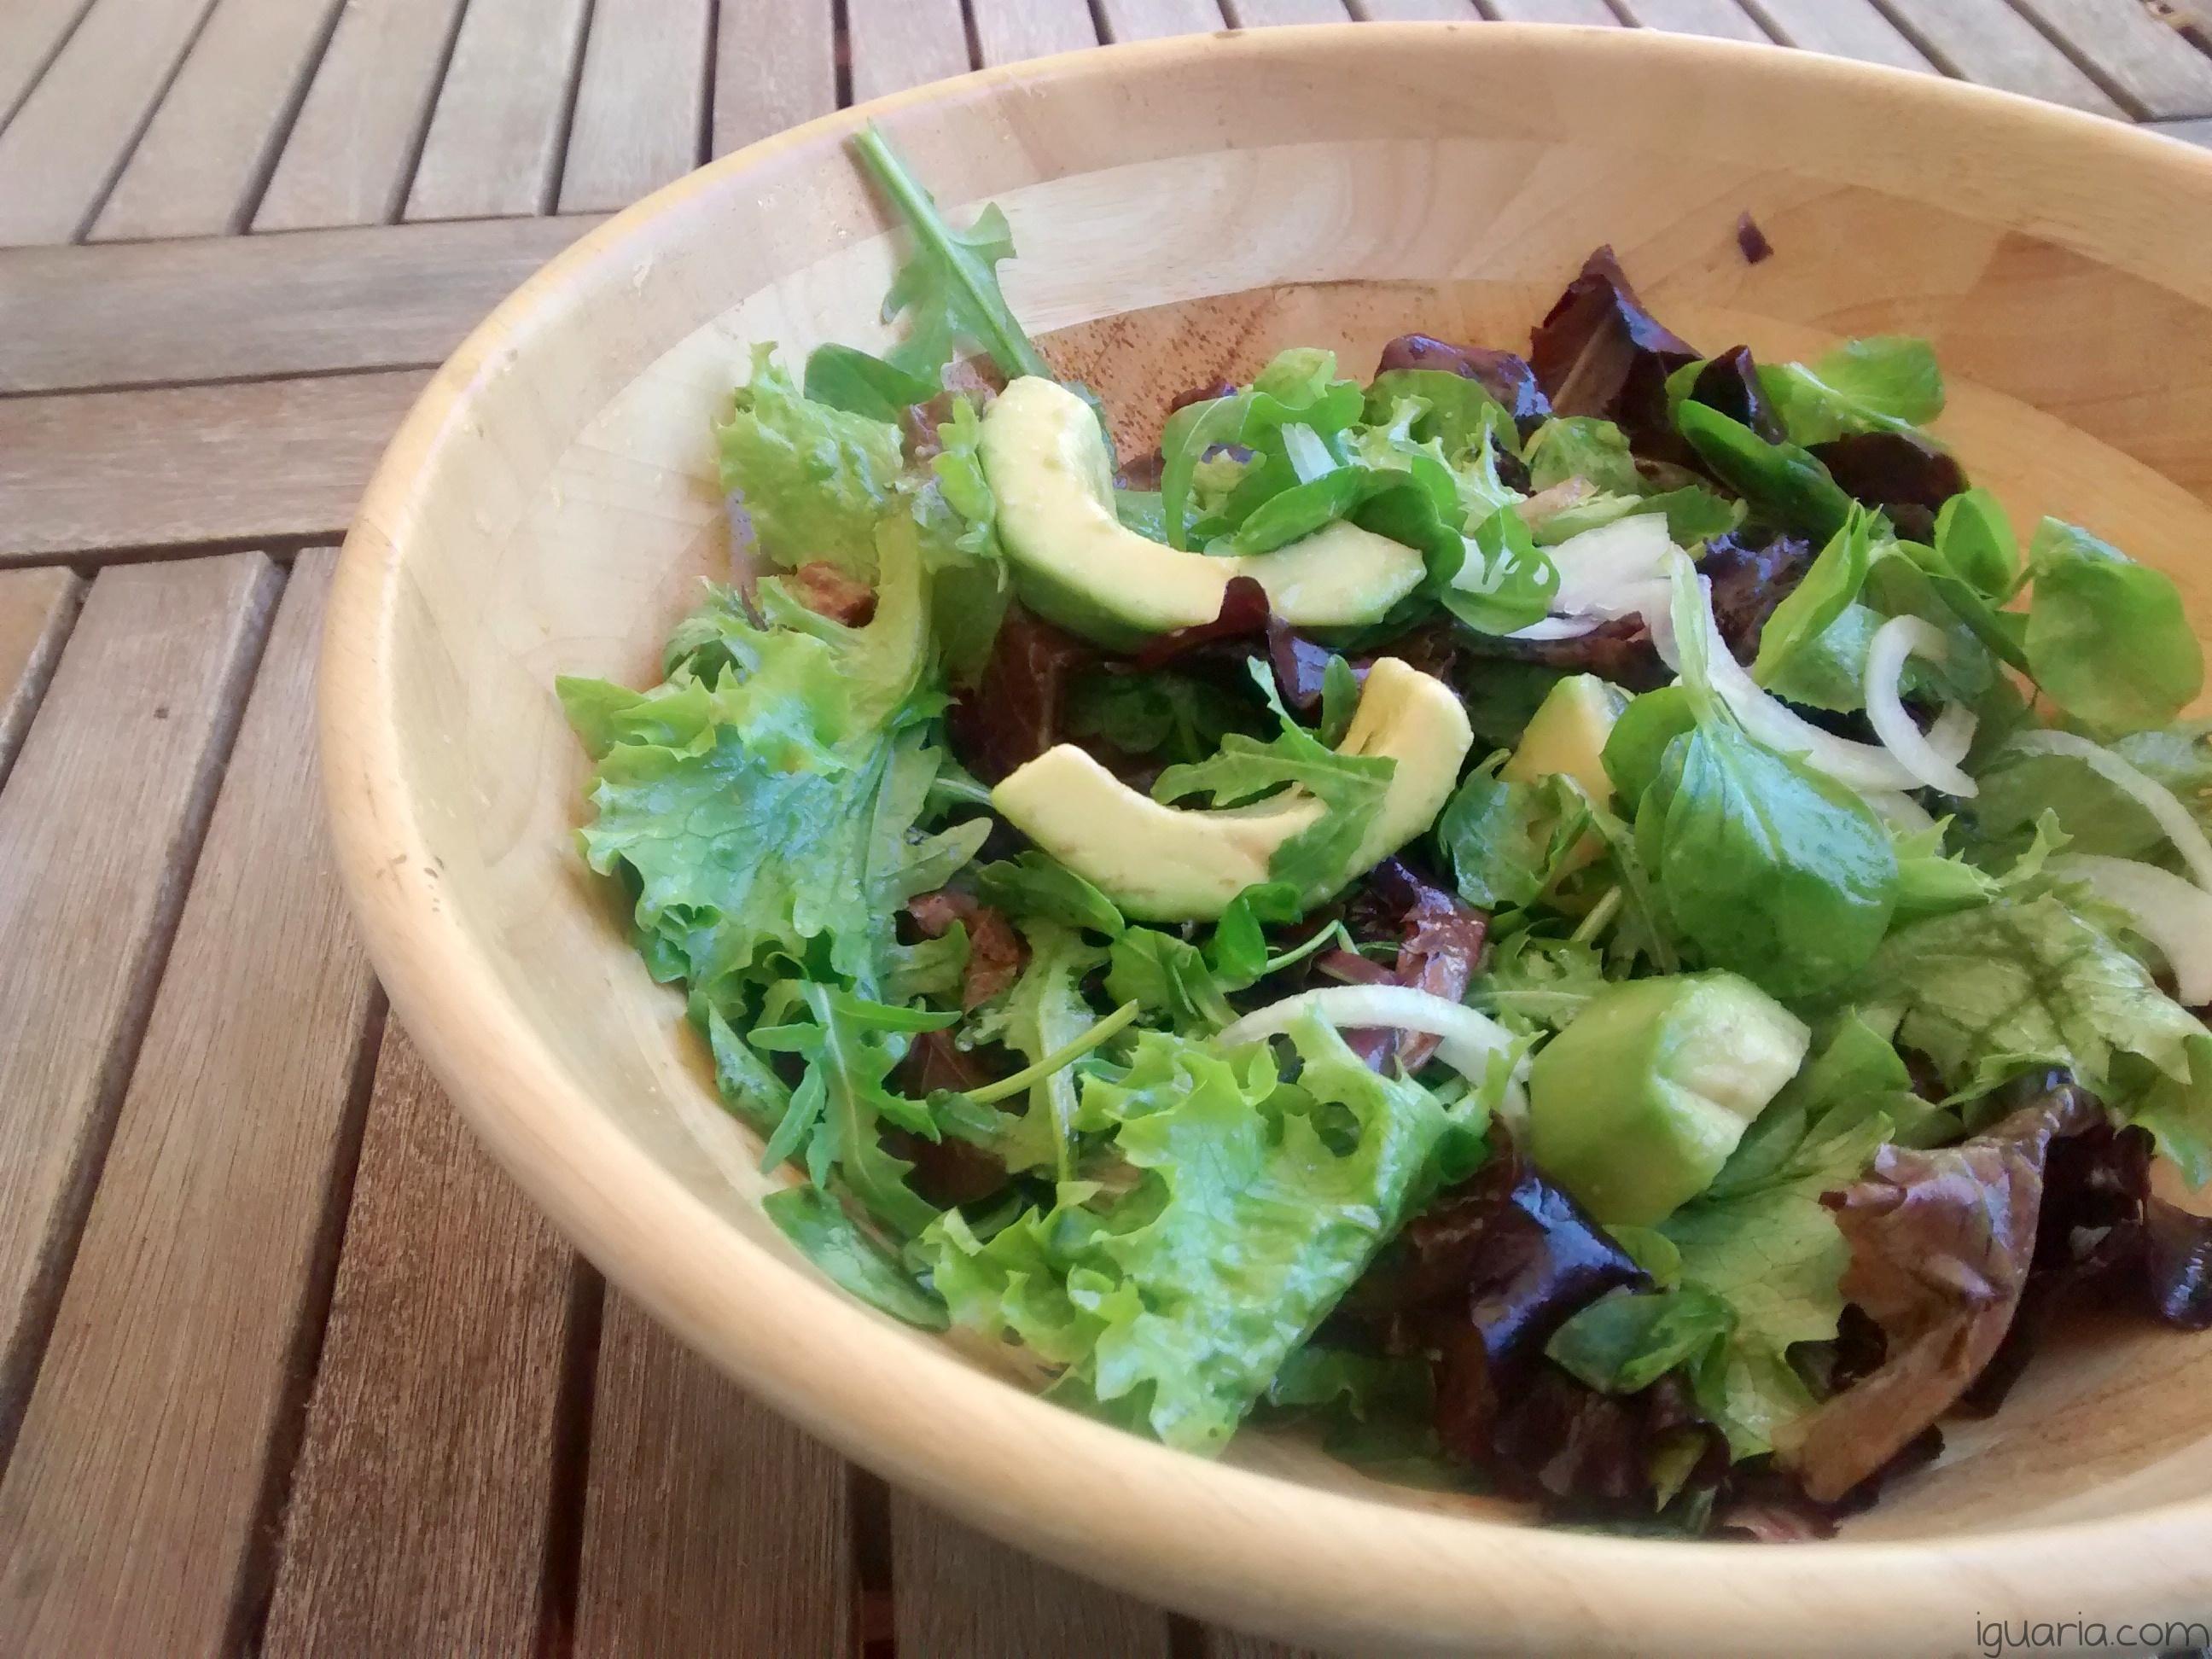 Iguaria_Dicas-com-Saladas